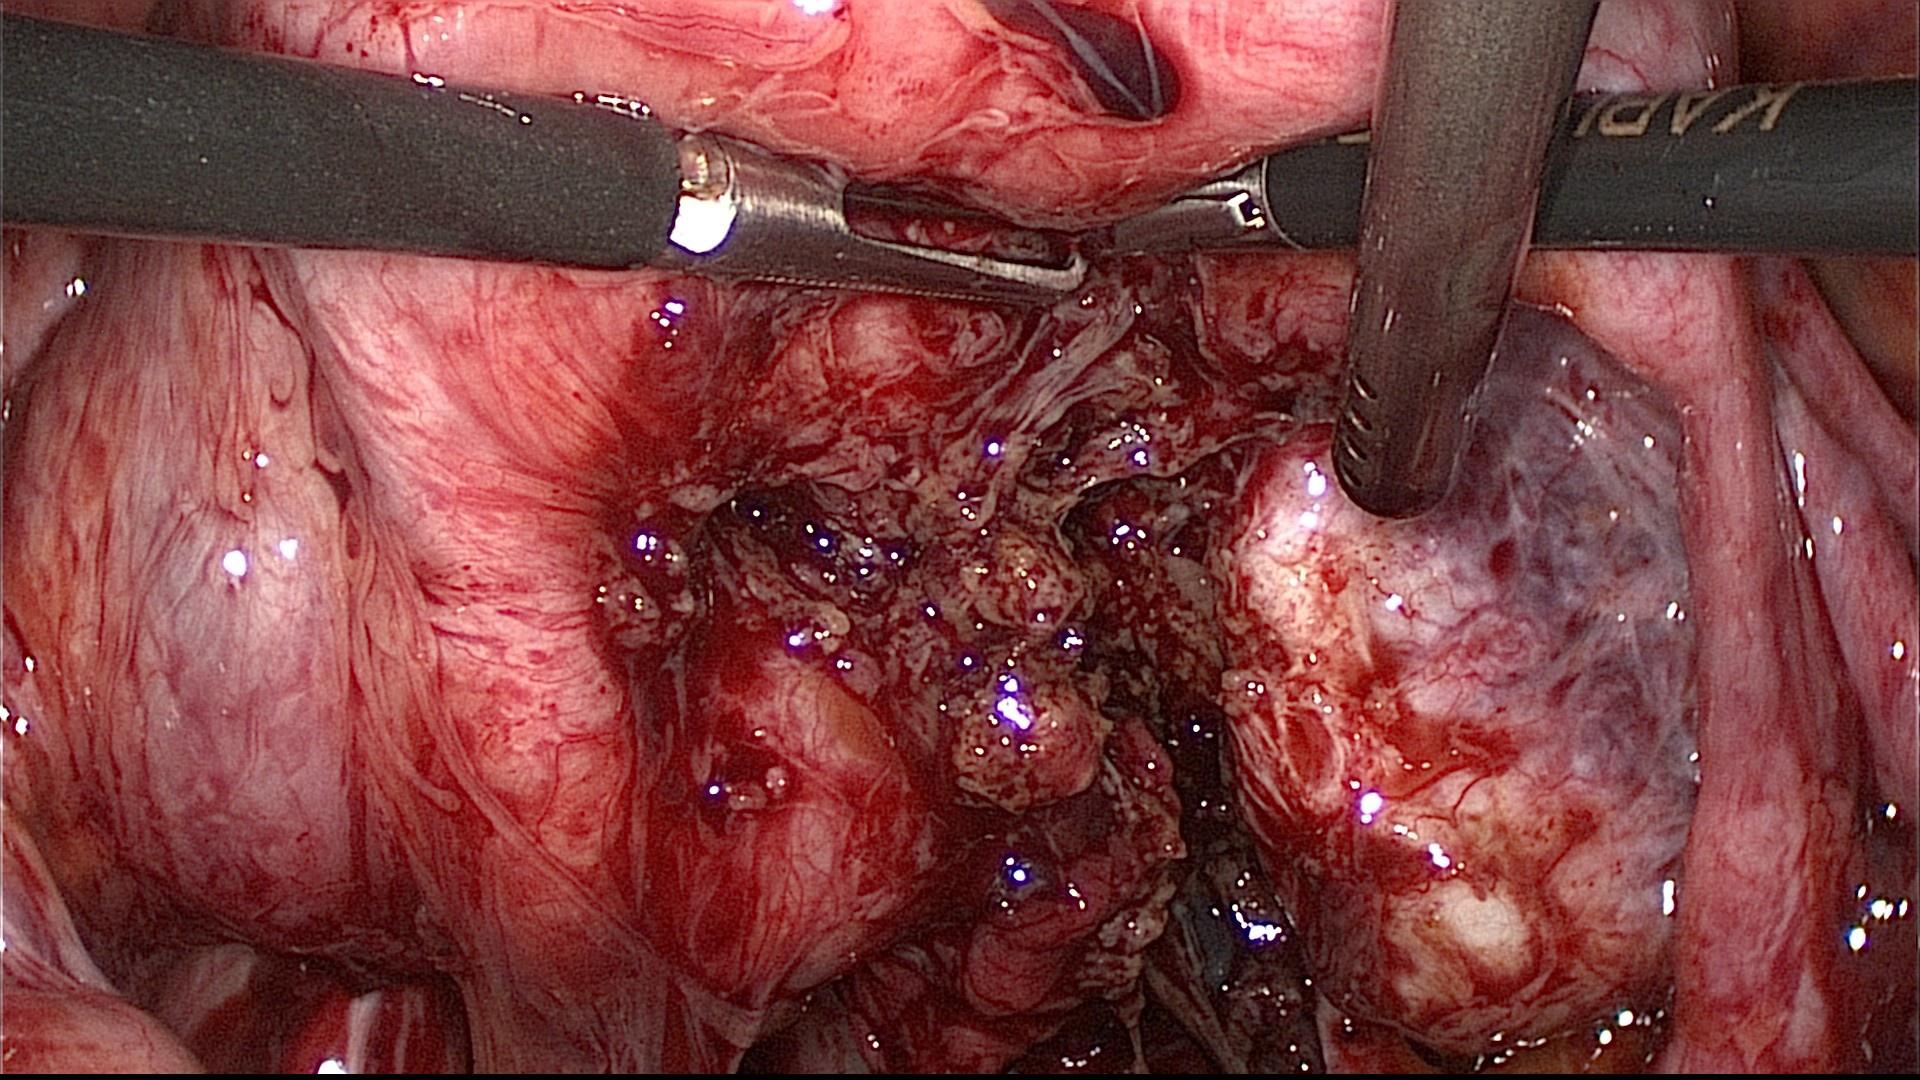 Крестцово маточные связки эндометриоз отзывы